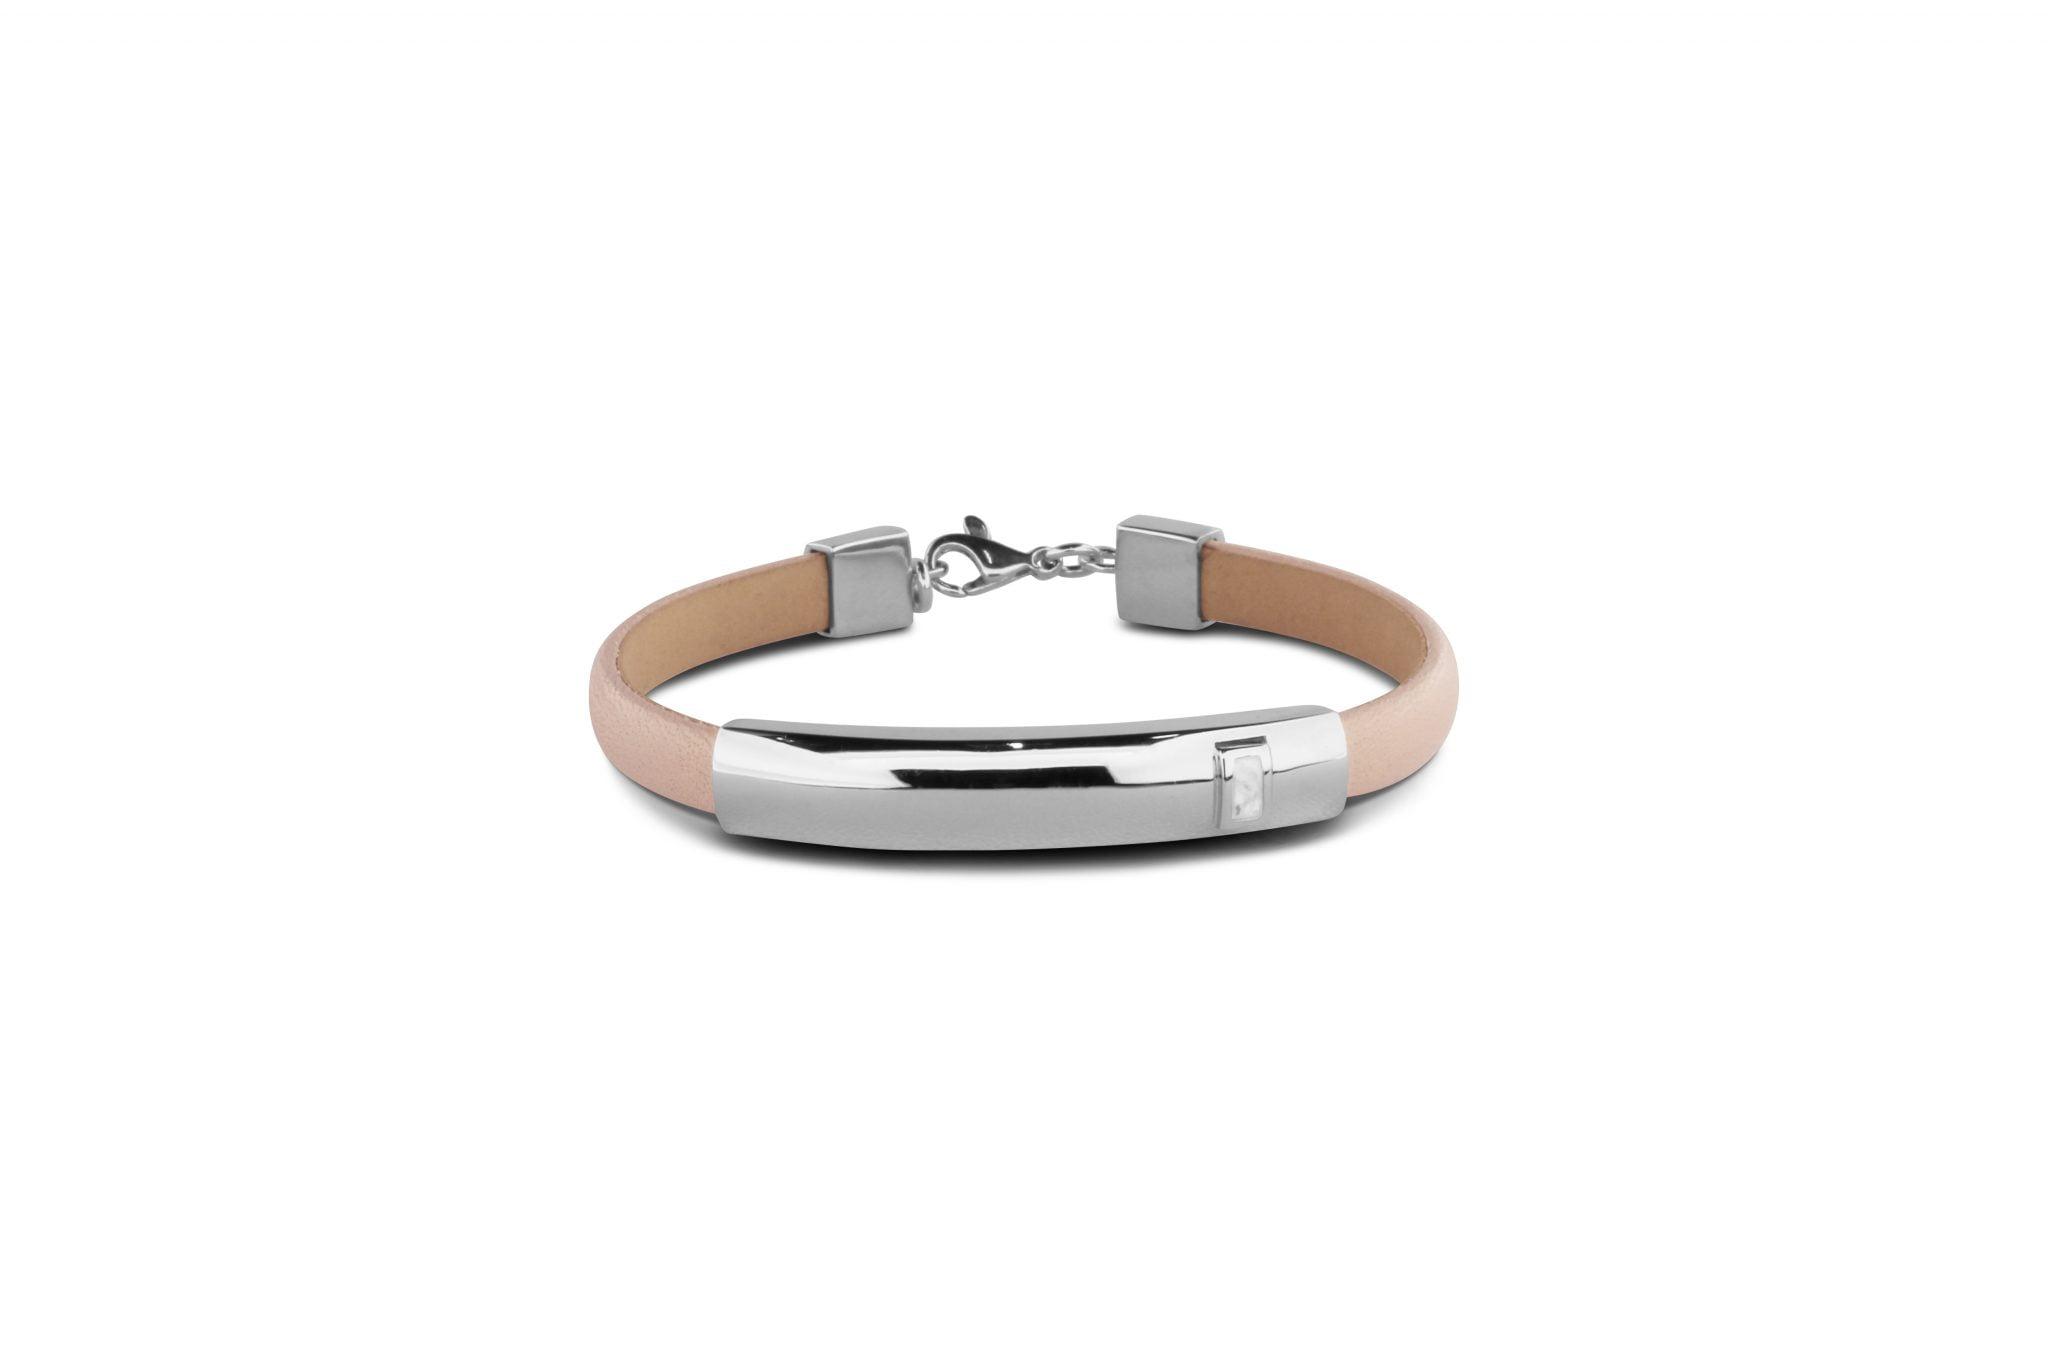 gedenksieraad armband met lederen bandje BL 013